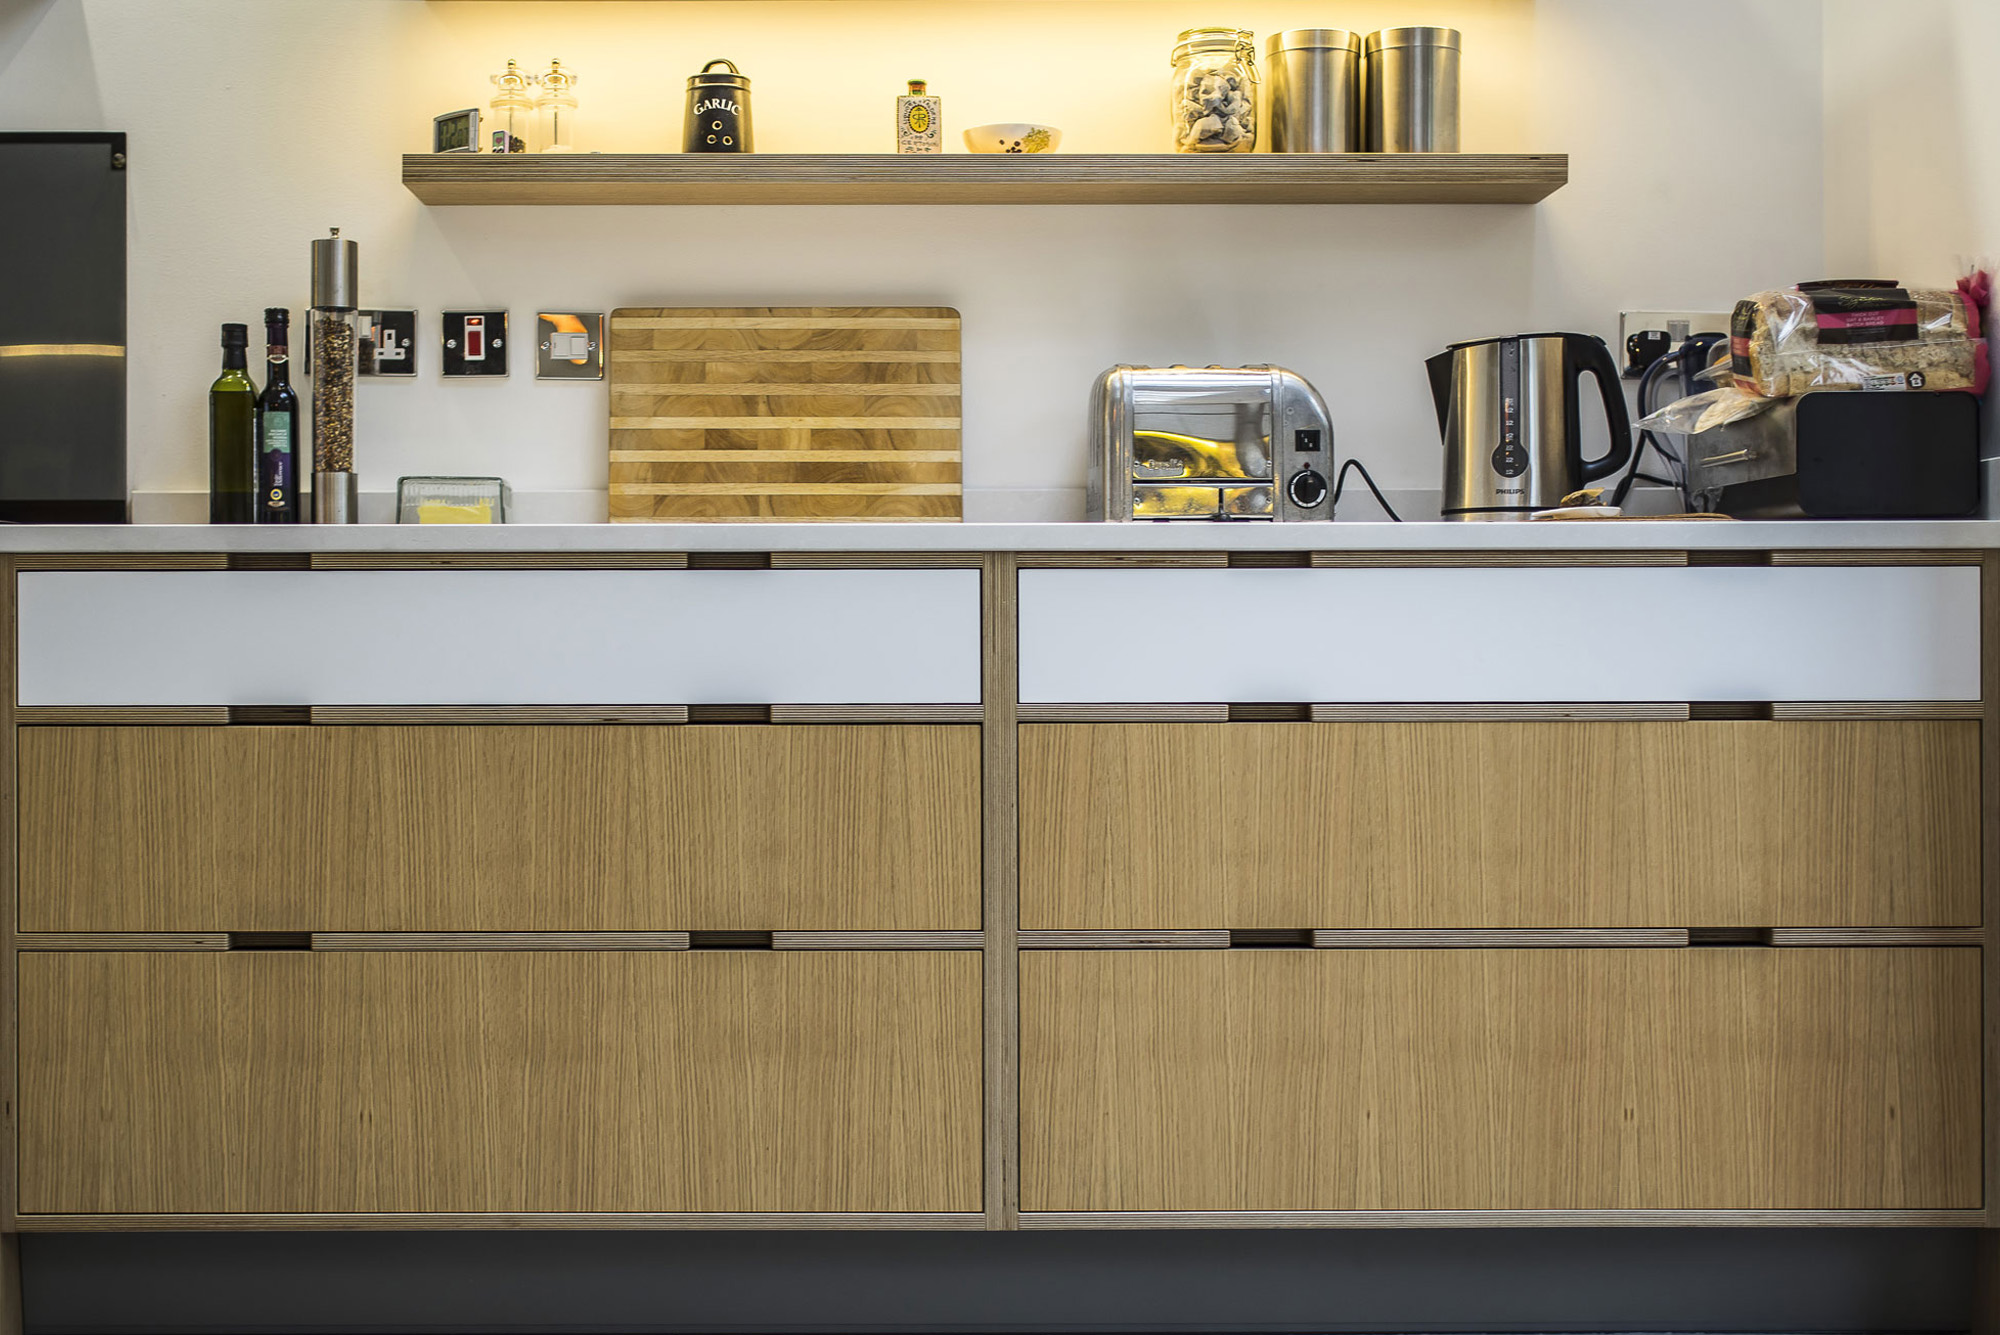 Oak veneered drawers